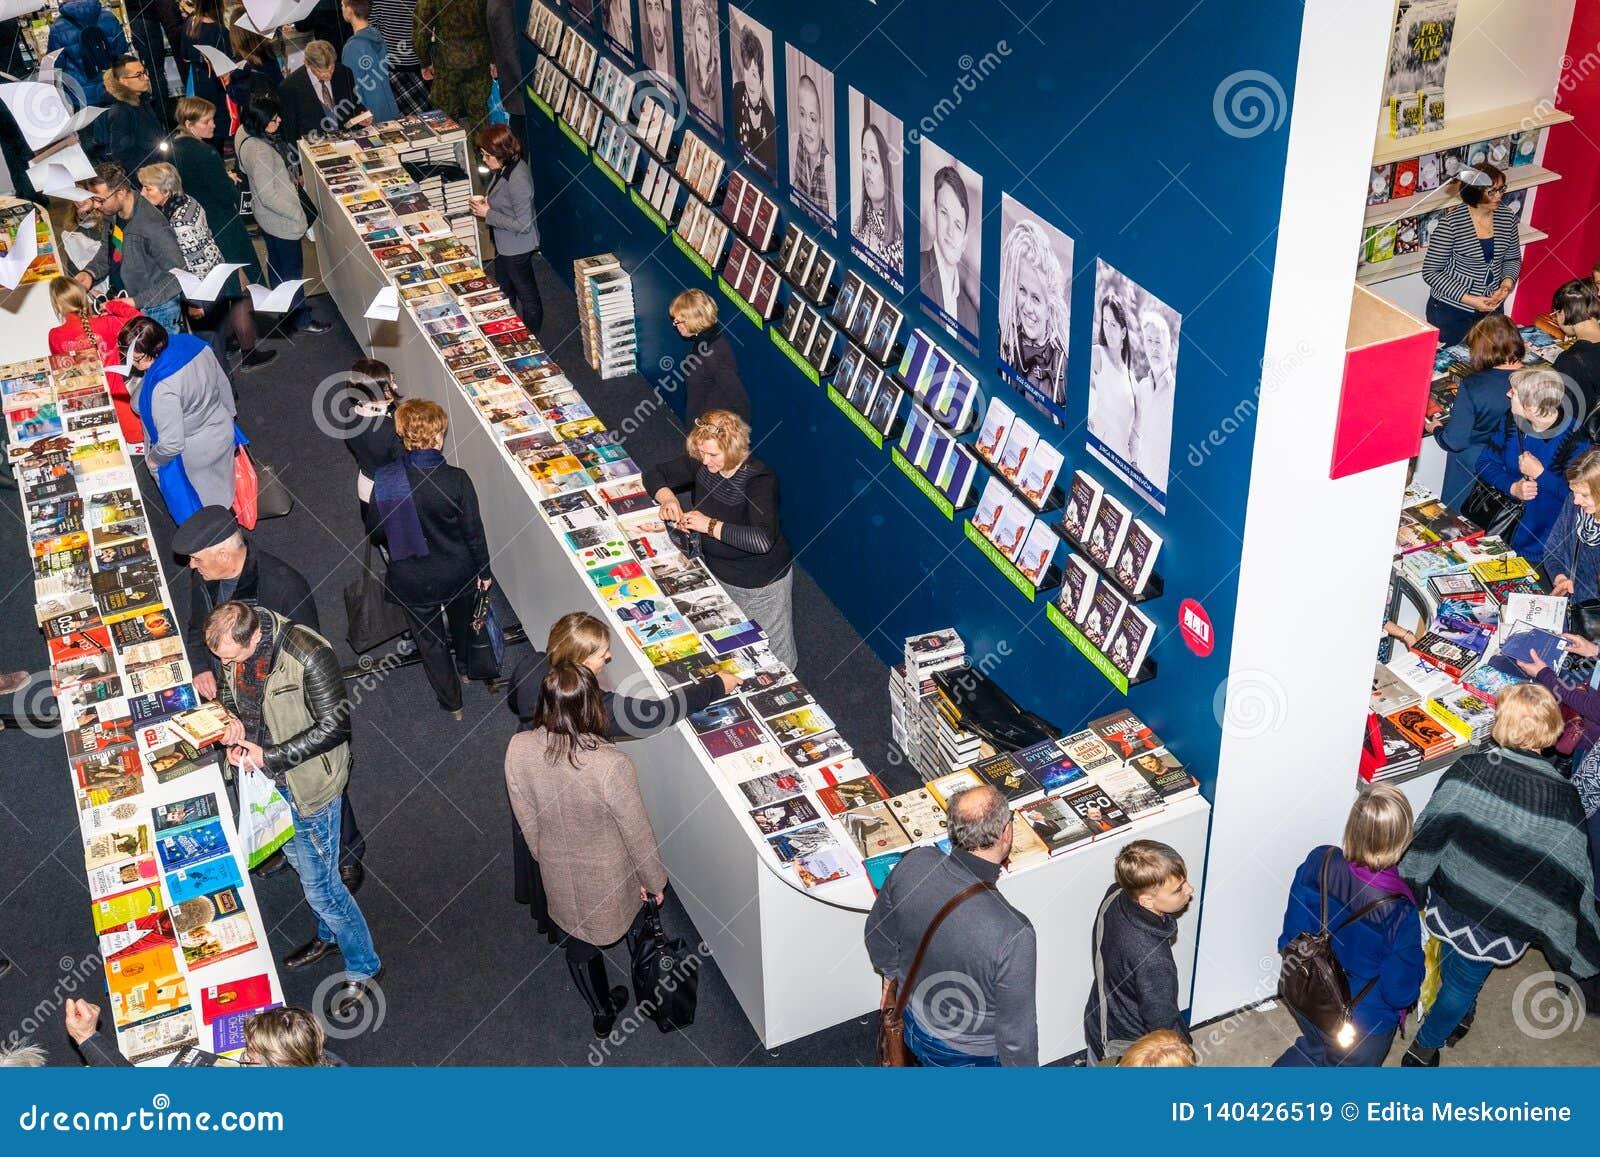 Livro tradicional anual de Vilnius favoravelmente '20 anos depois que 'em Vilnius, centro de exposição de Litexpo